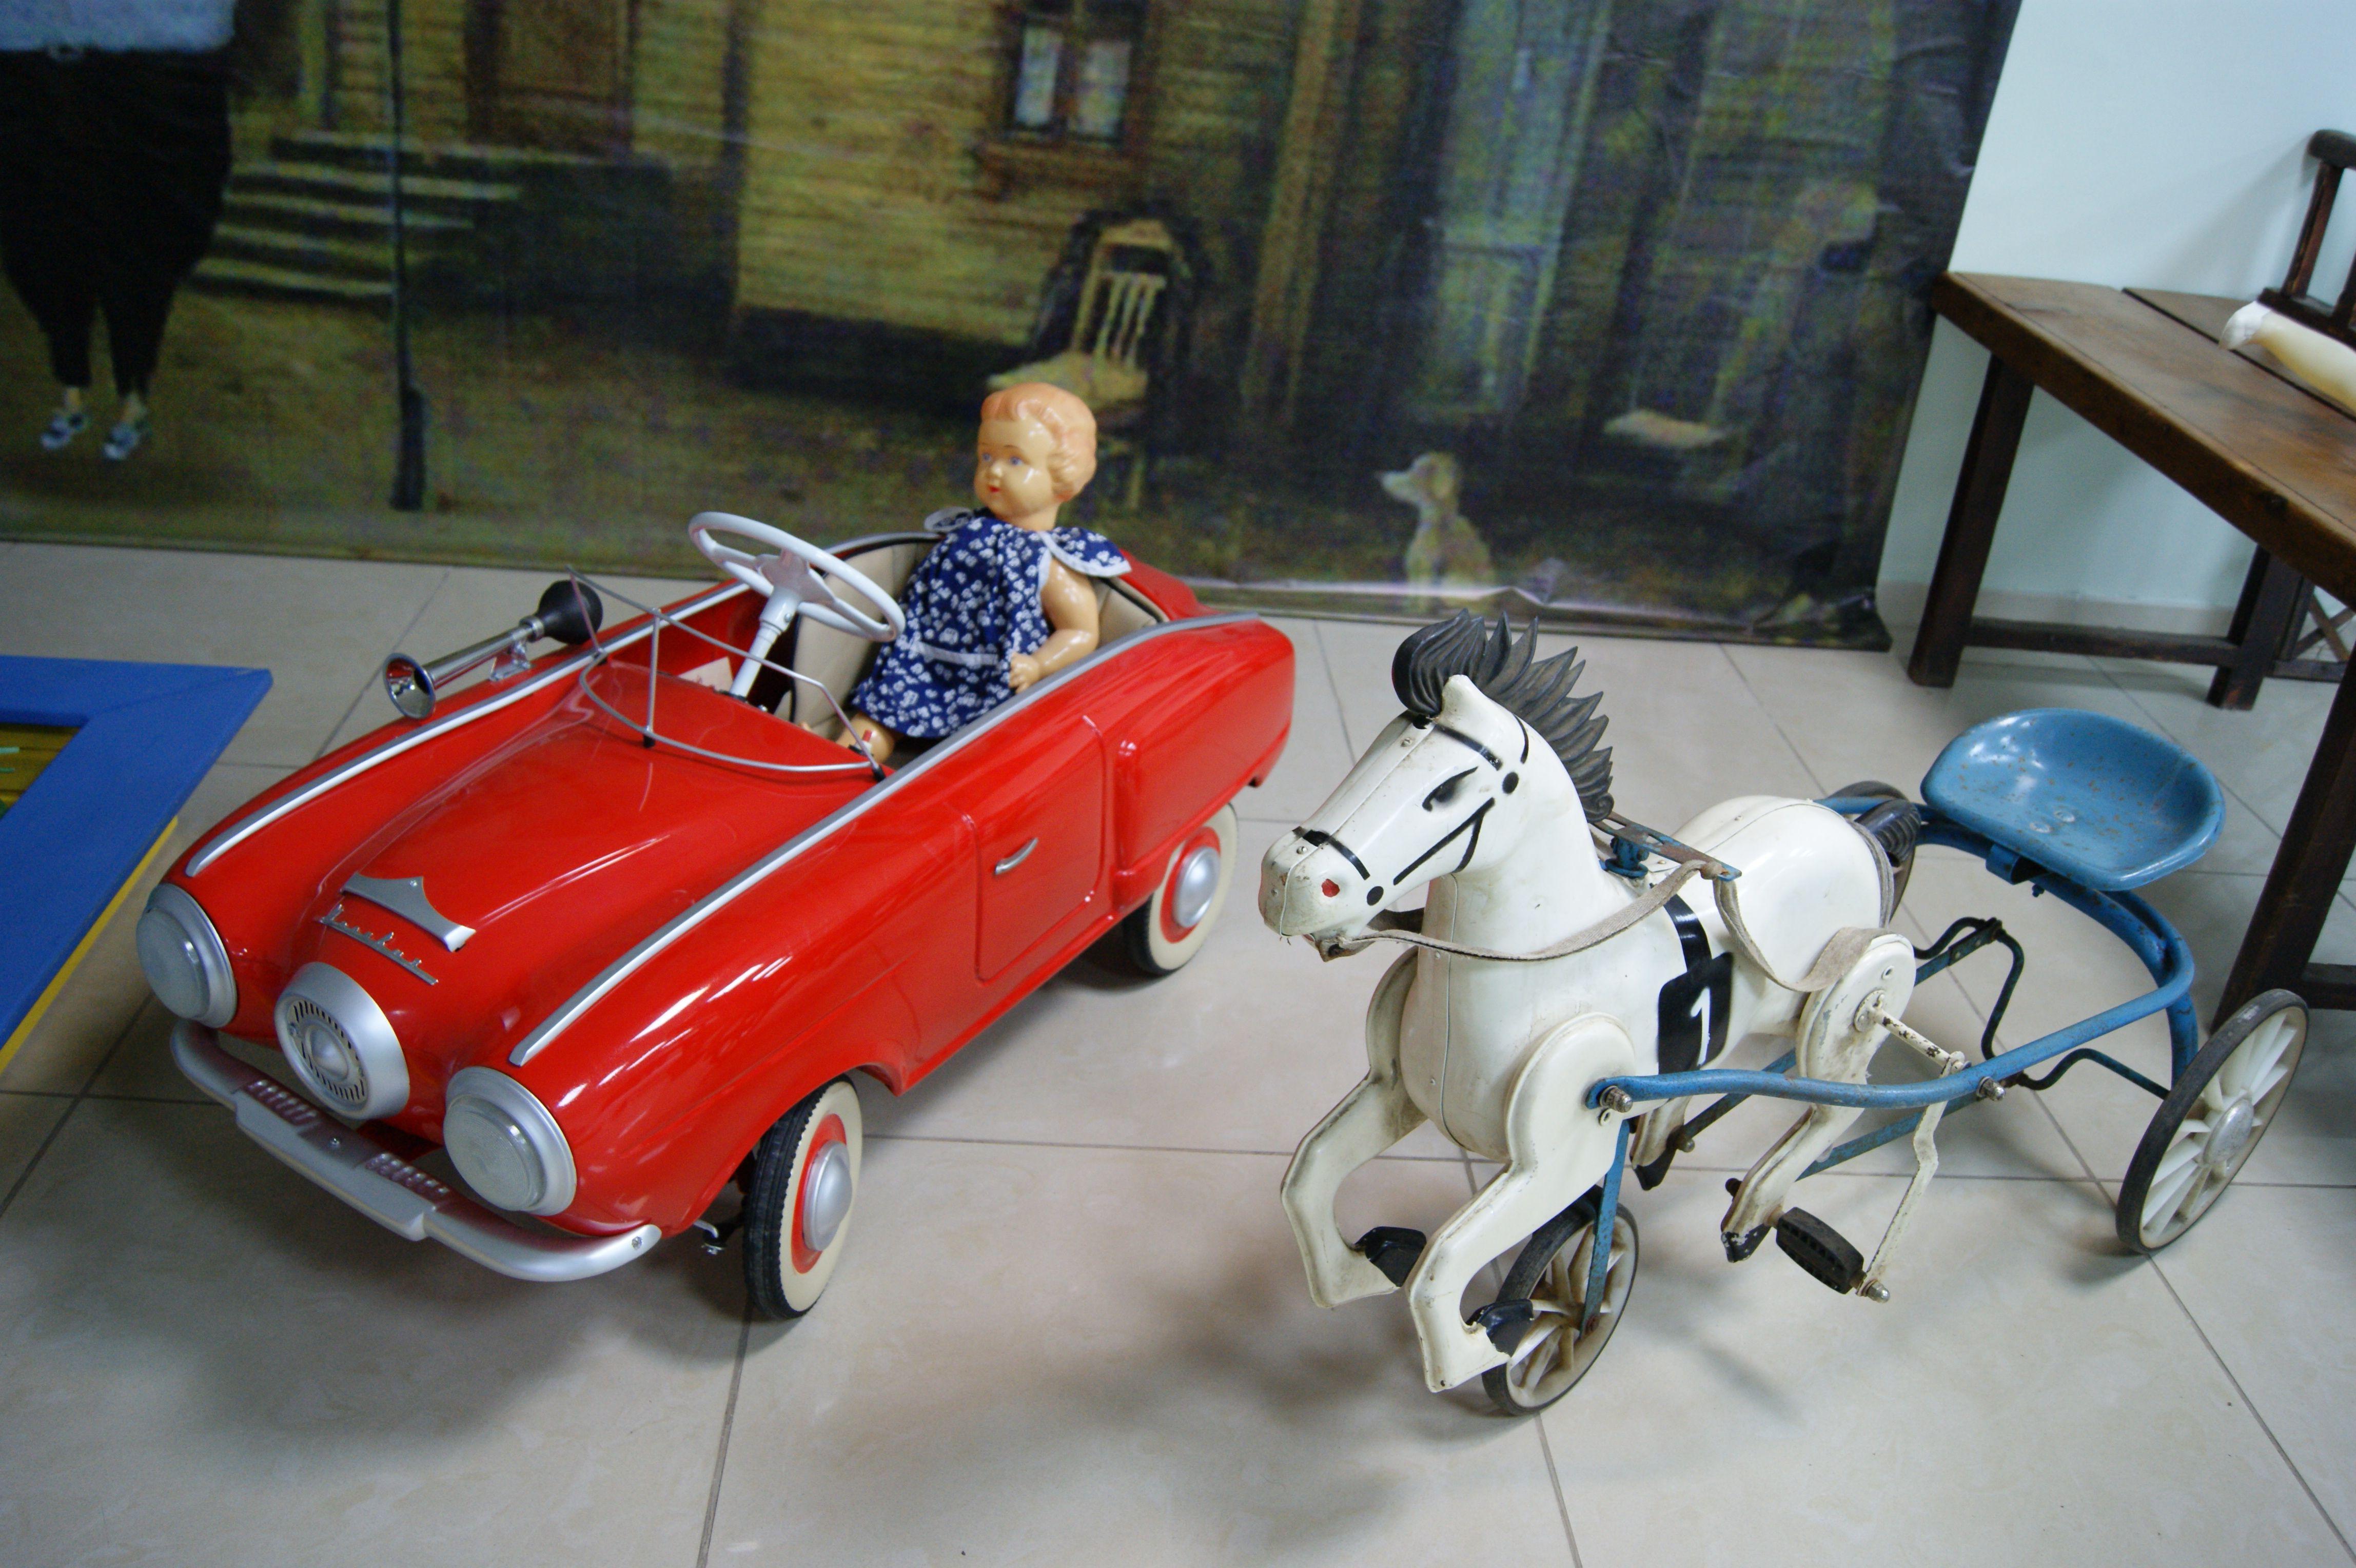 Выставка «Автомобили. Истории из детства» откроется в Краснодаре